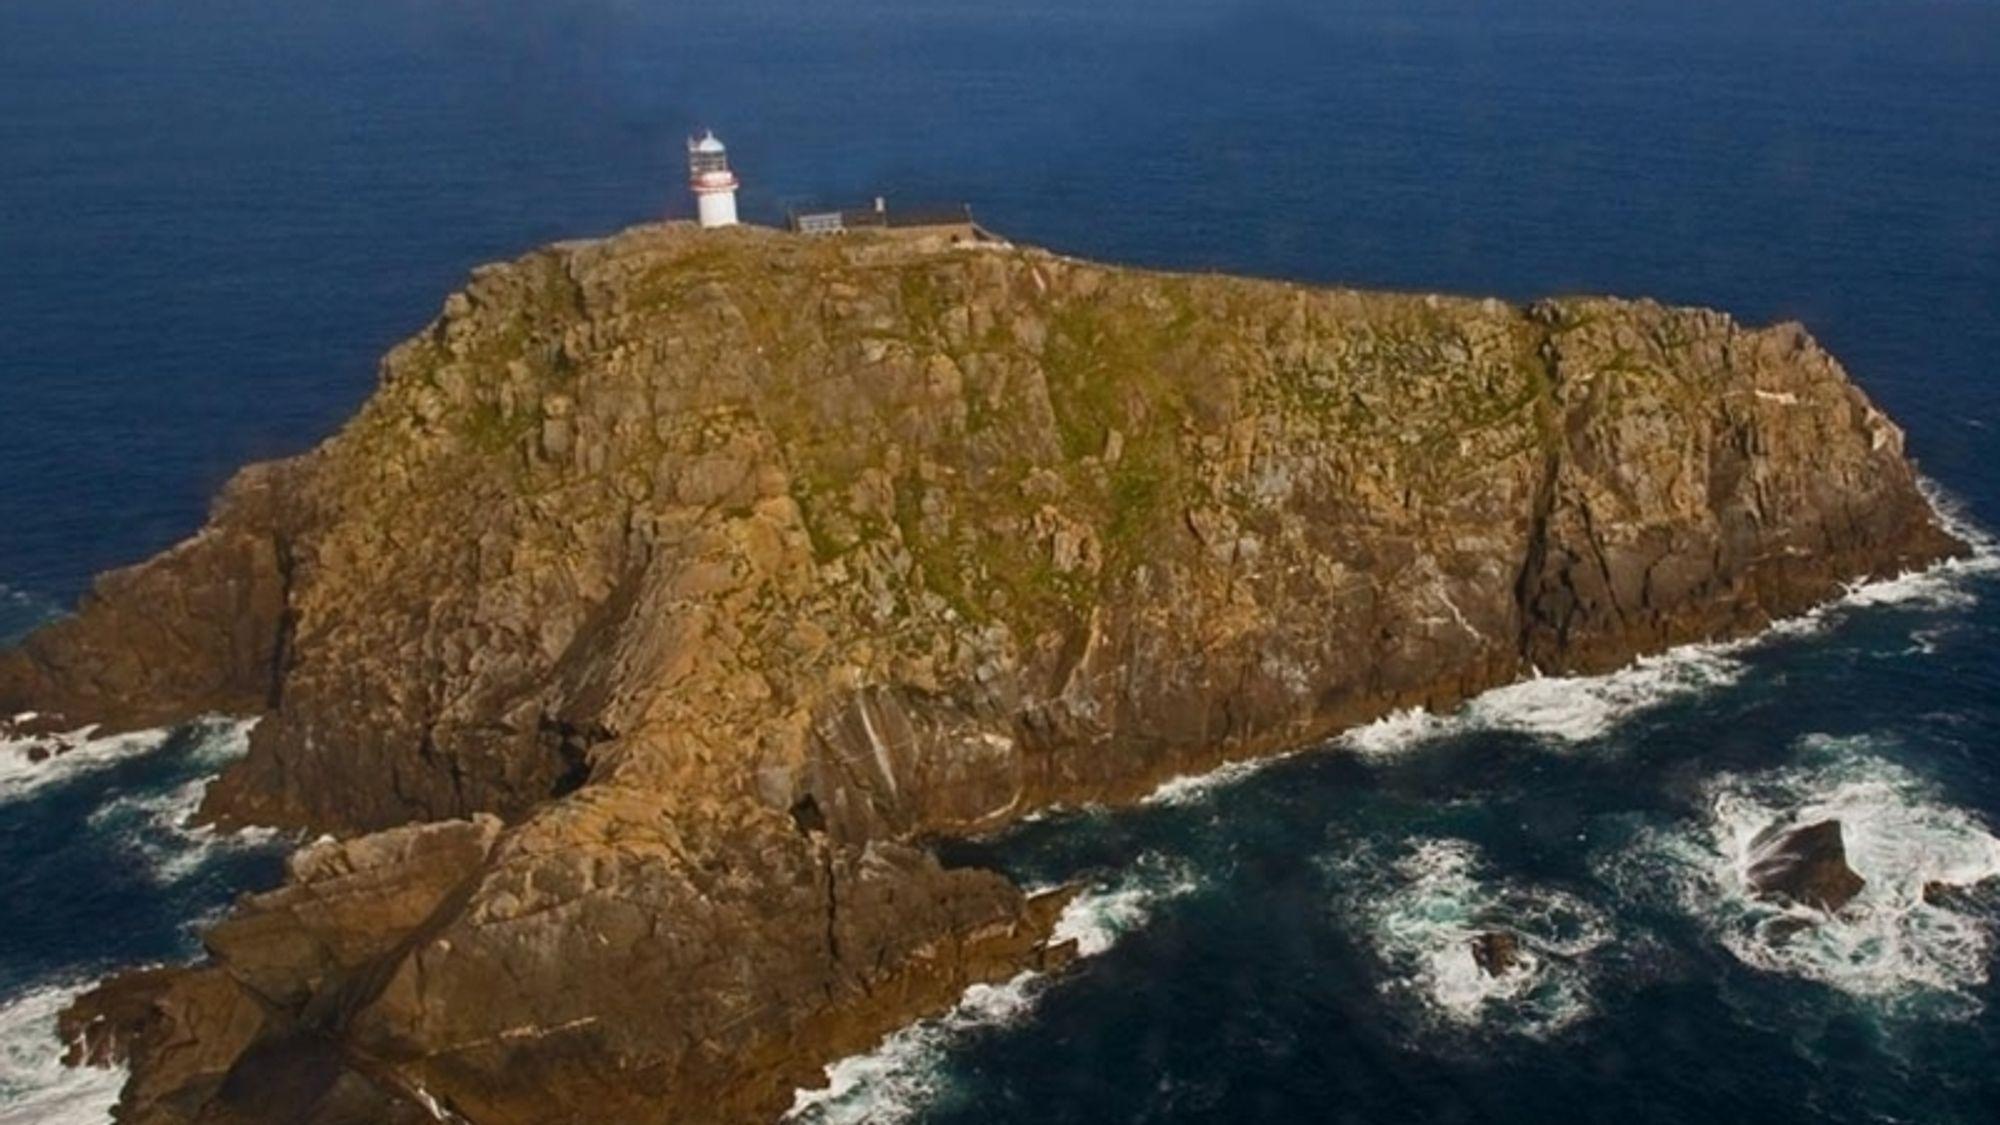 Ifølge den irske flyhavarikommisjonen har helikopterhalen kommet i kontakt med fjellsida på vestsida av øya (til venstre på bildet), men det er for tidlig å si noe om hvorfor og hva besetningens intensjoner var.